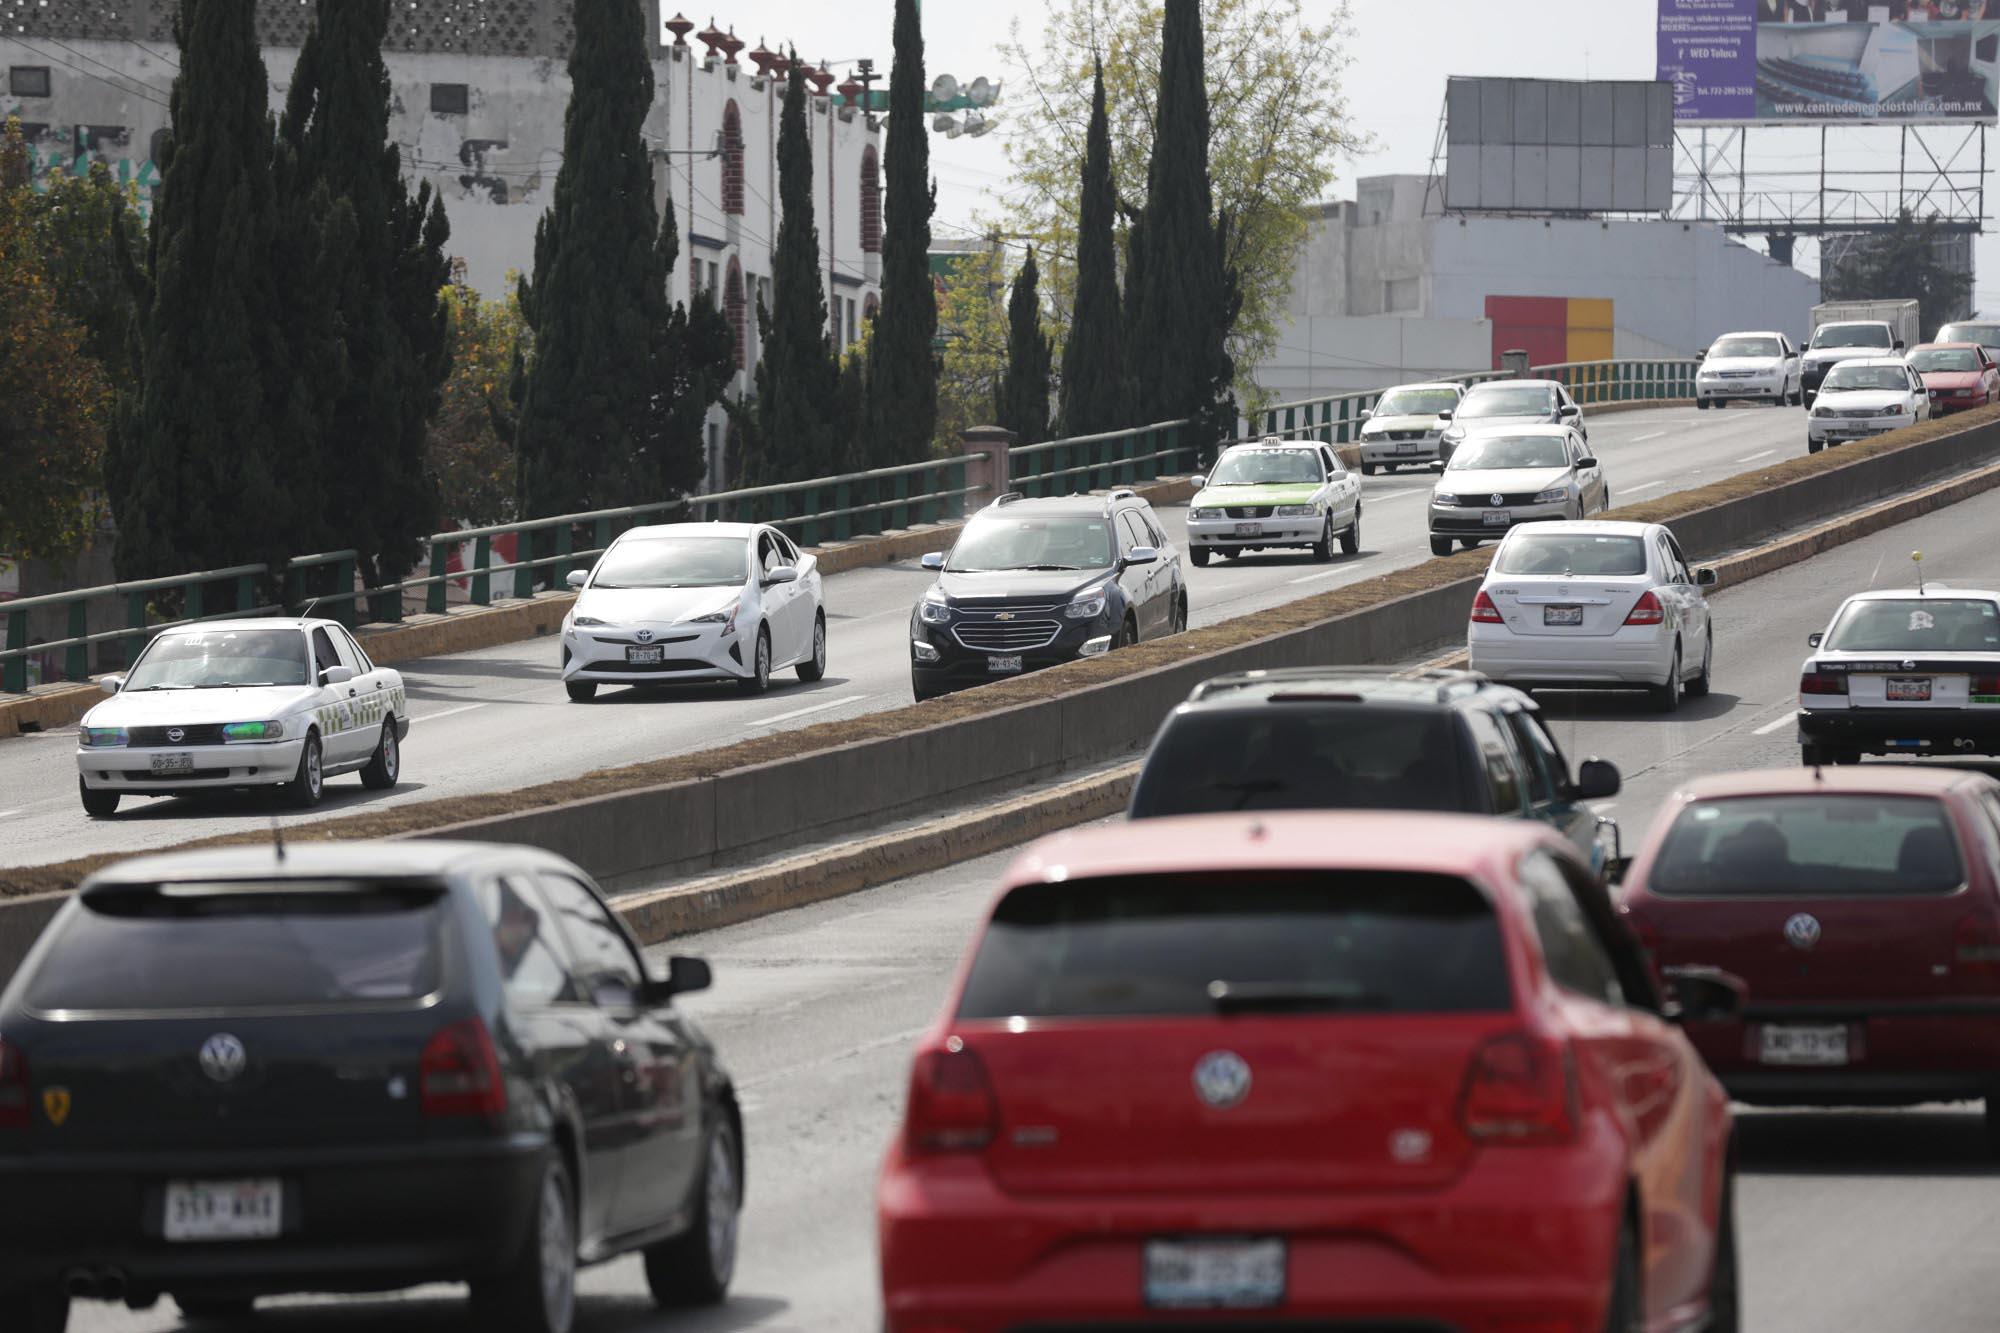 Hoy No Circula en Toluca: ¿Cuál es el costo de la multa?